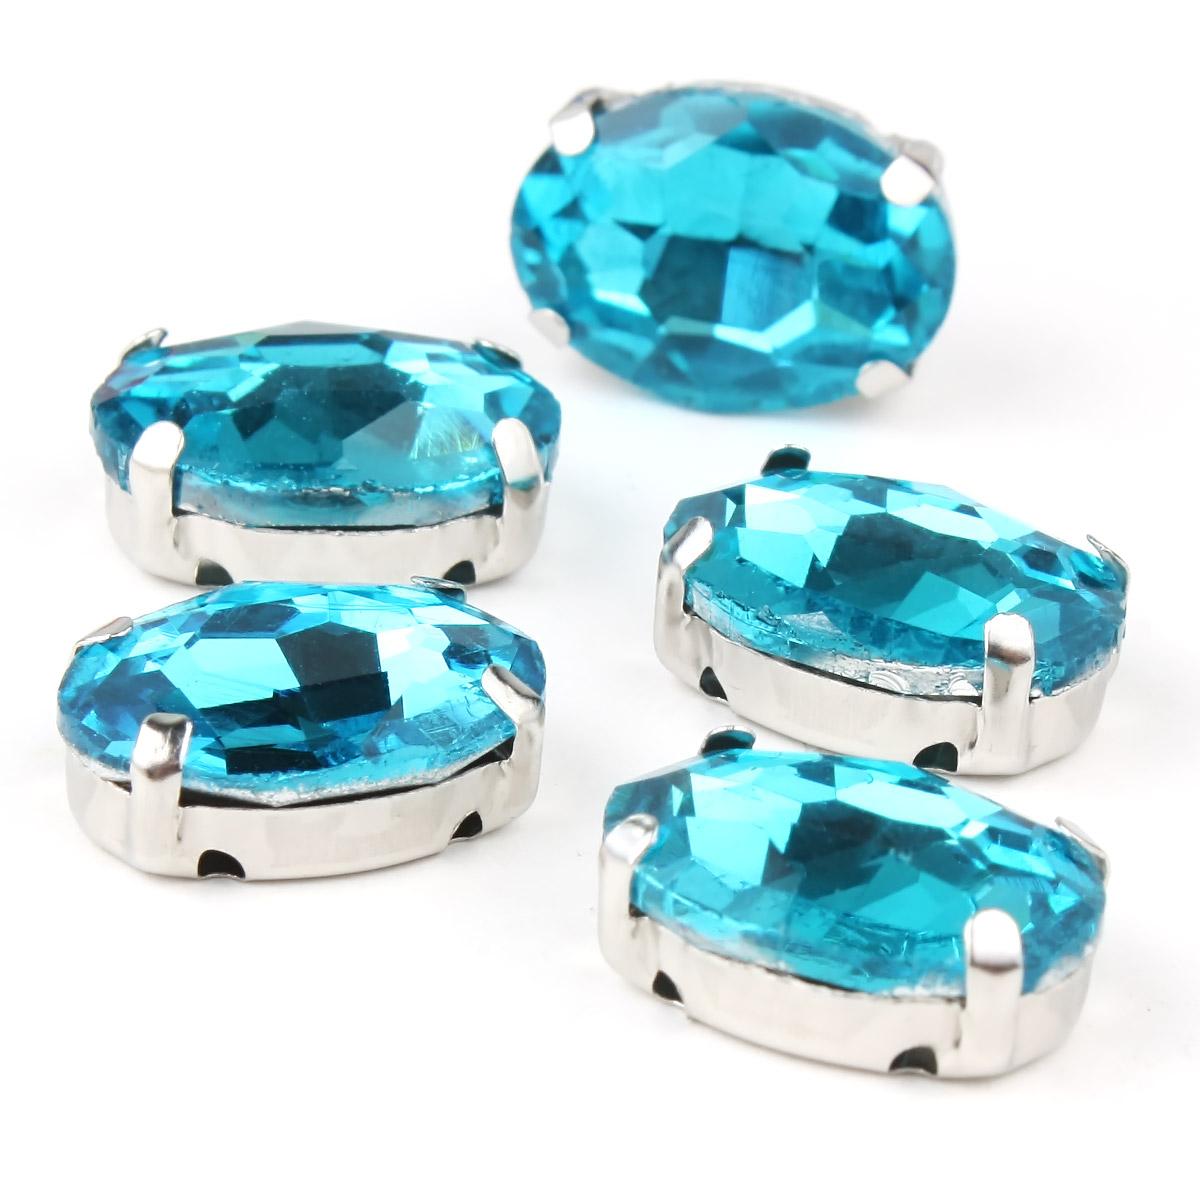 ОЦ010НН1014 Хрустальные стразы в цапах овальной формы, голубой 10х14 мм, 5 шт.